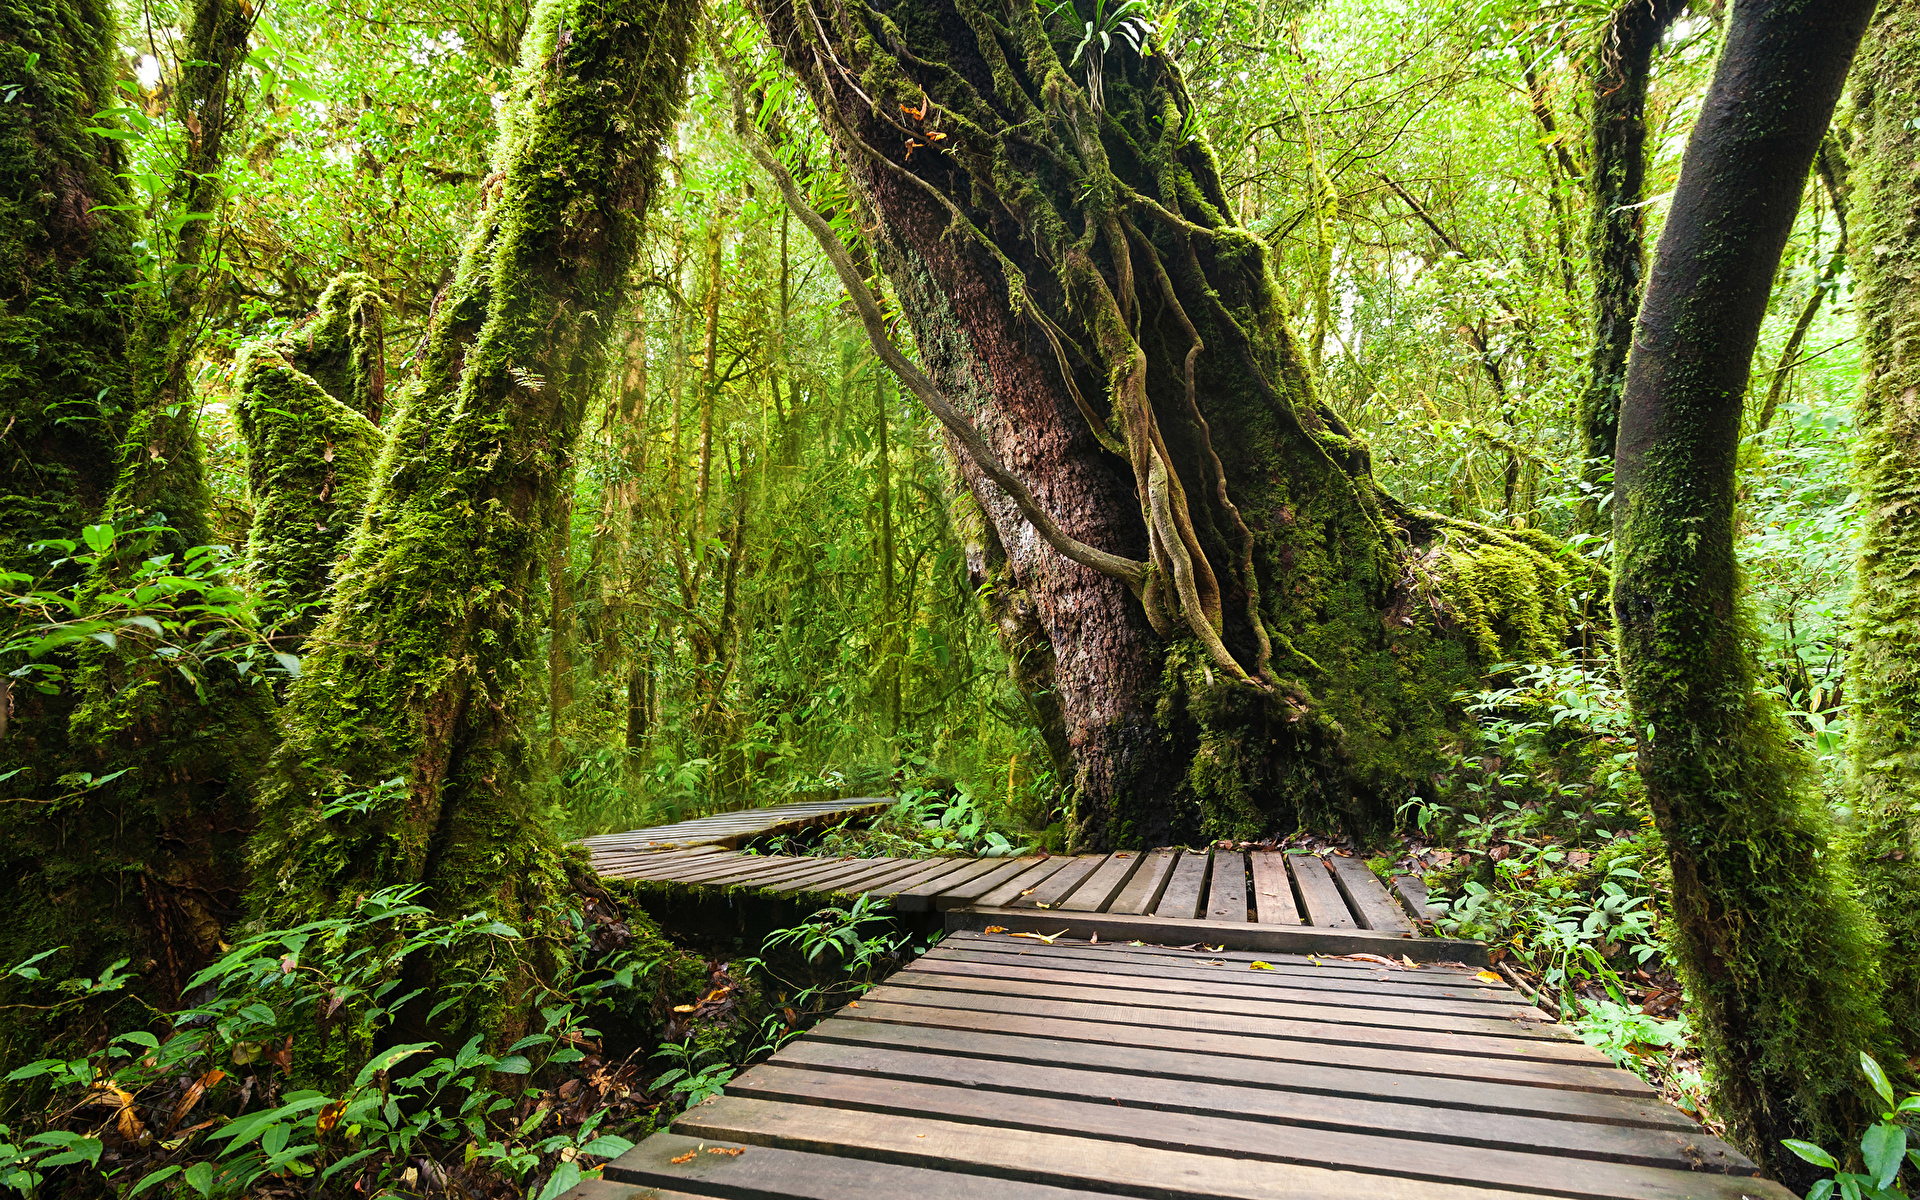 Обои Таиланд Doi Inthanon National Park Природа Леса Парки Тропики Ствол дерева Мох 1920x1200 мха мхом